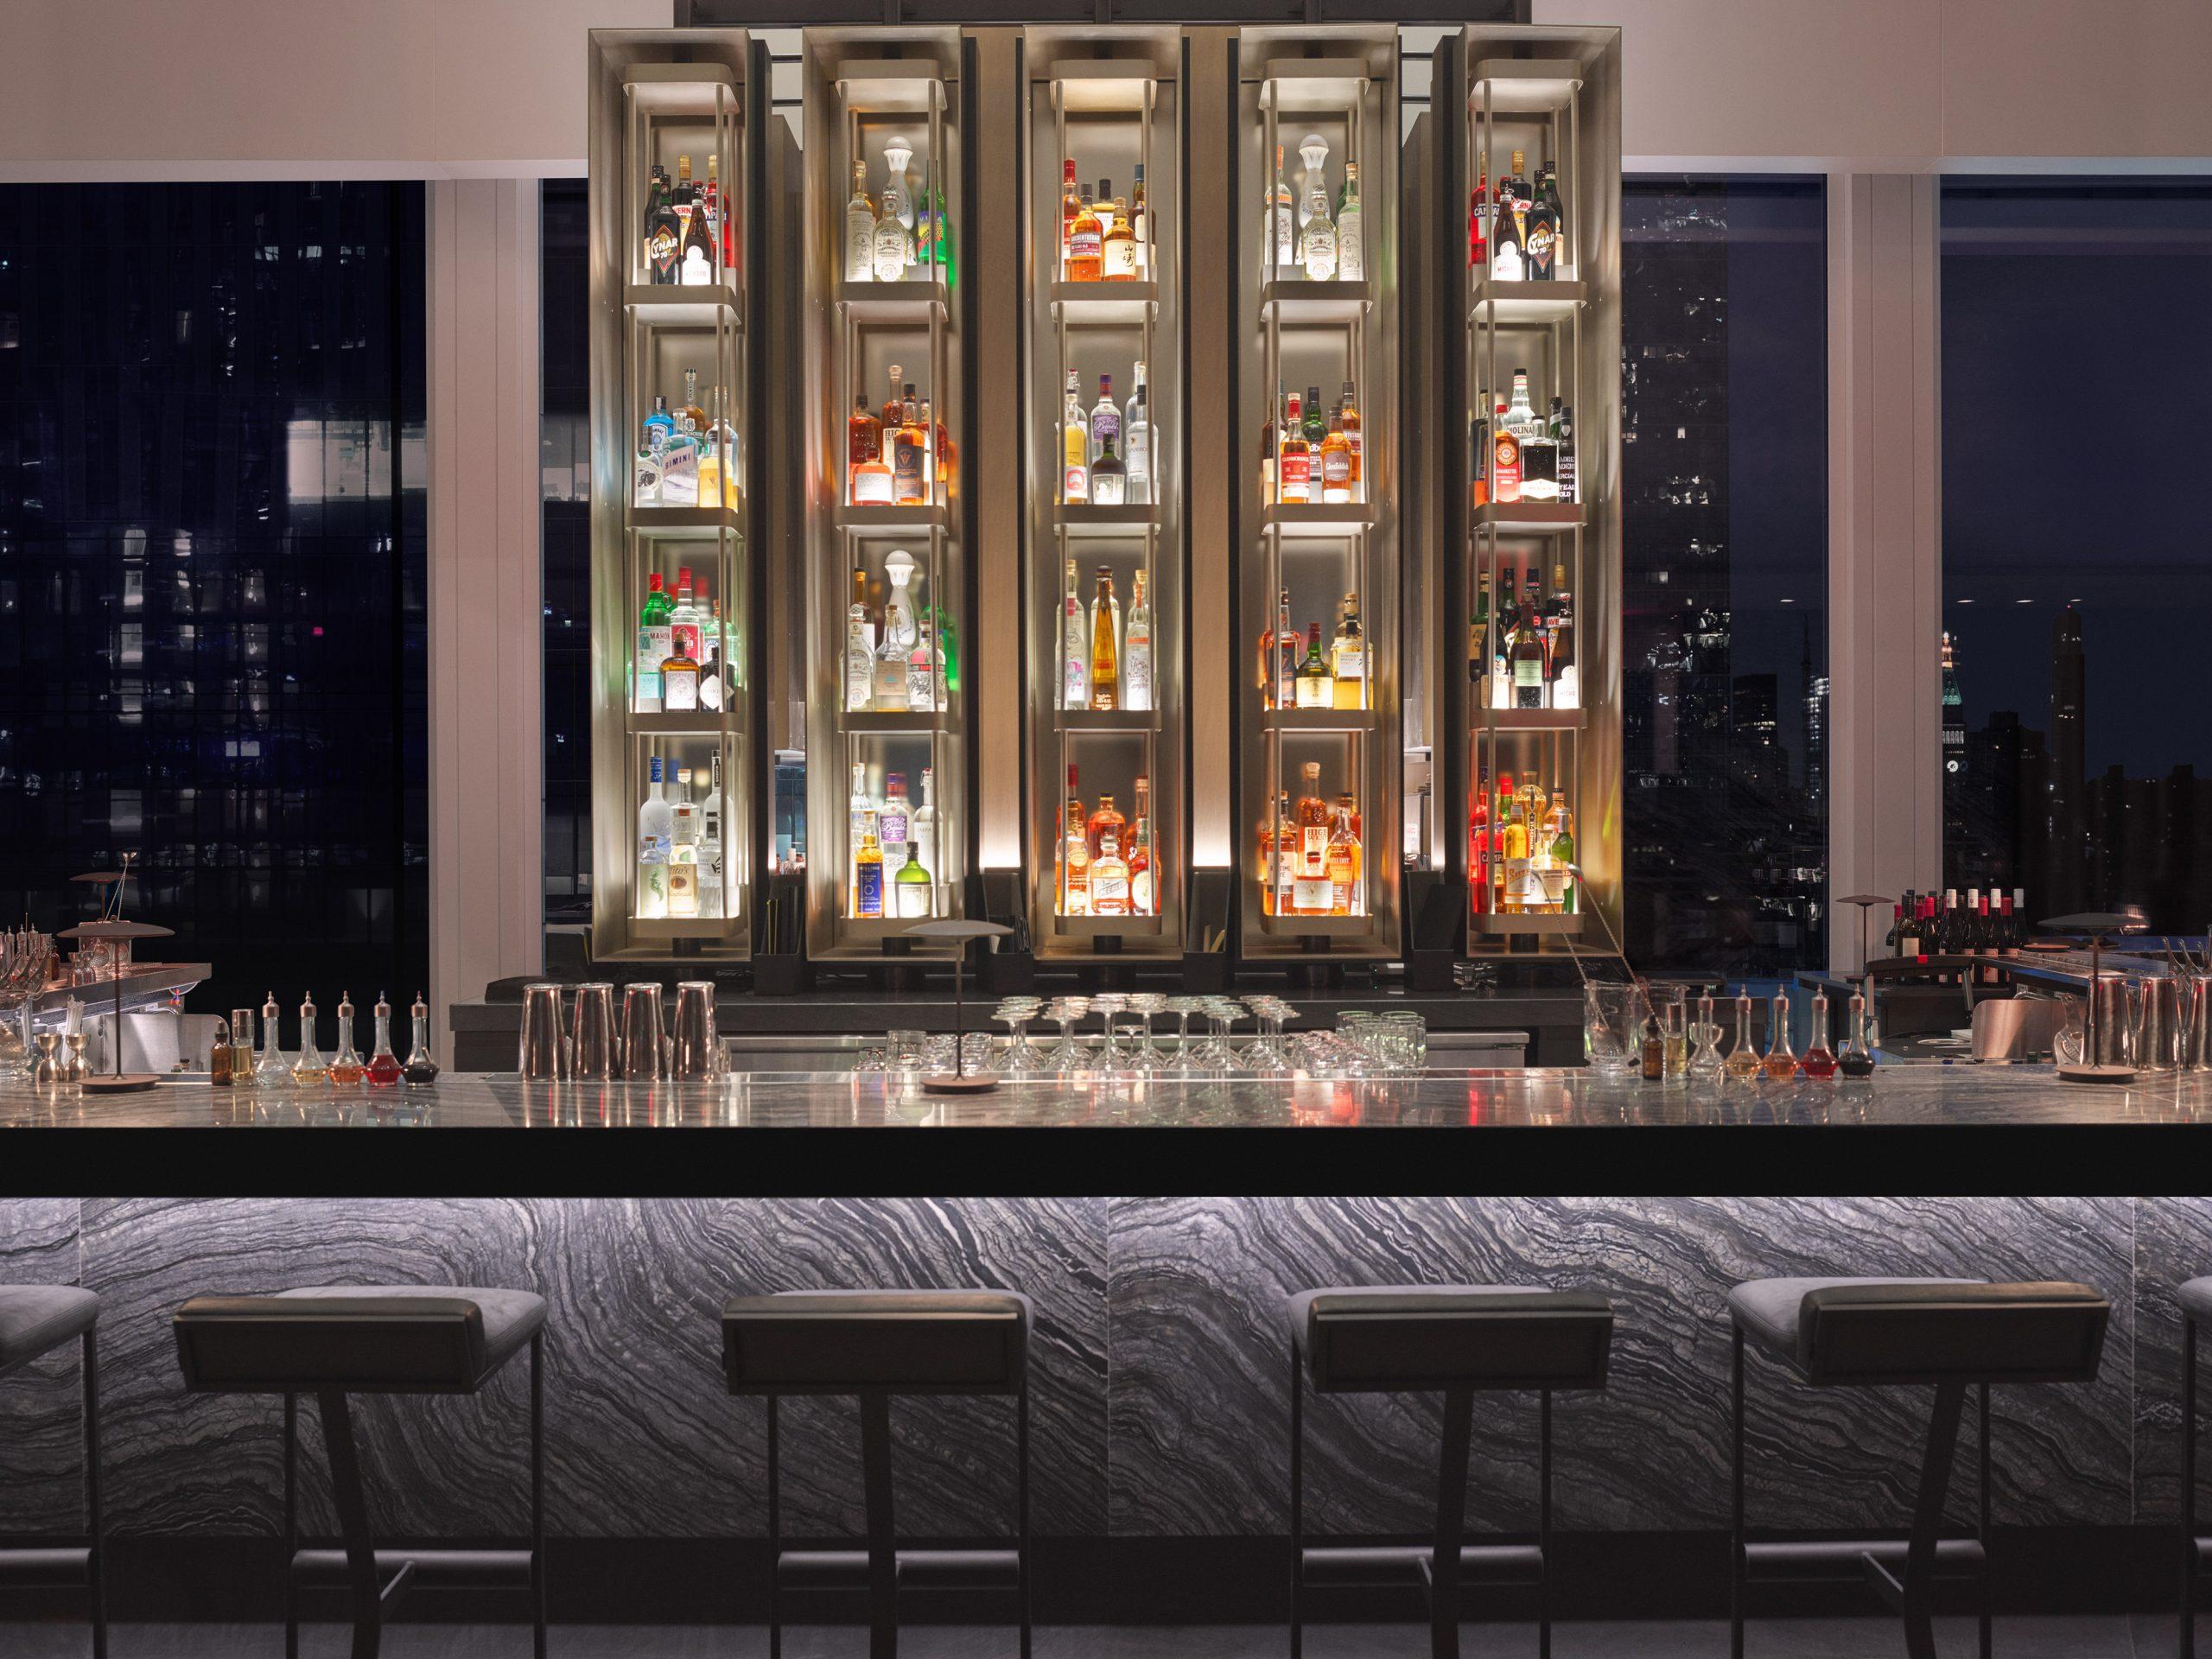 equinox bar